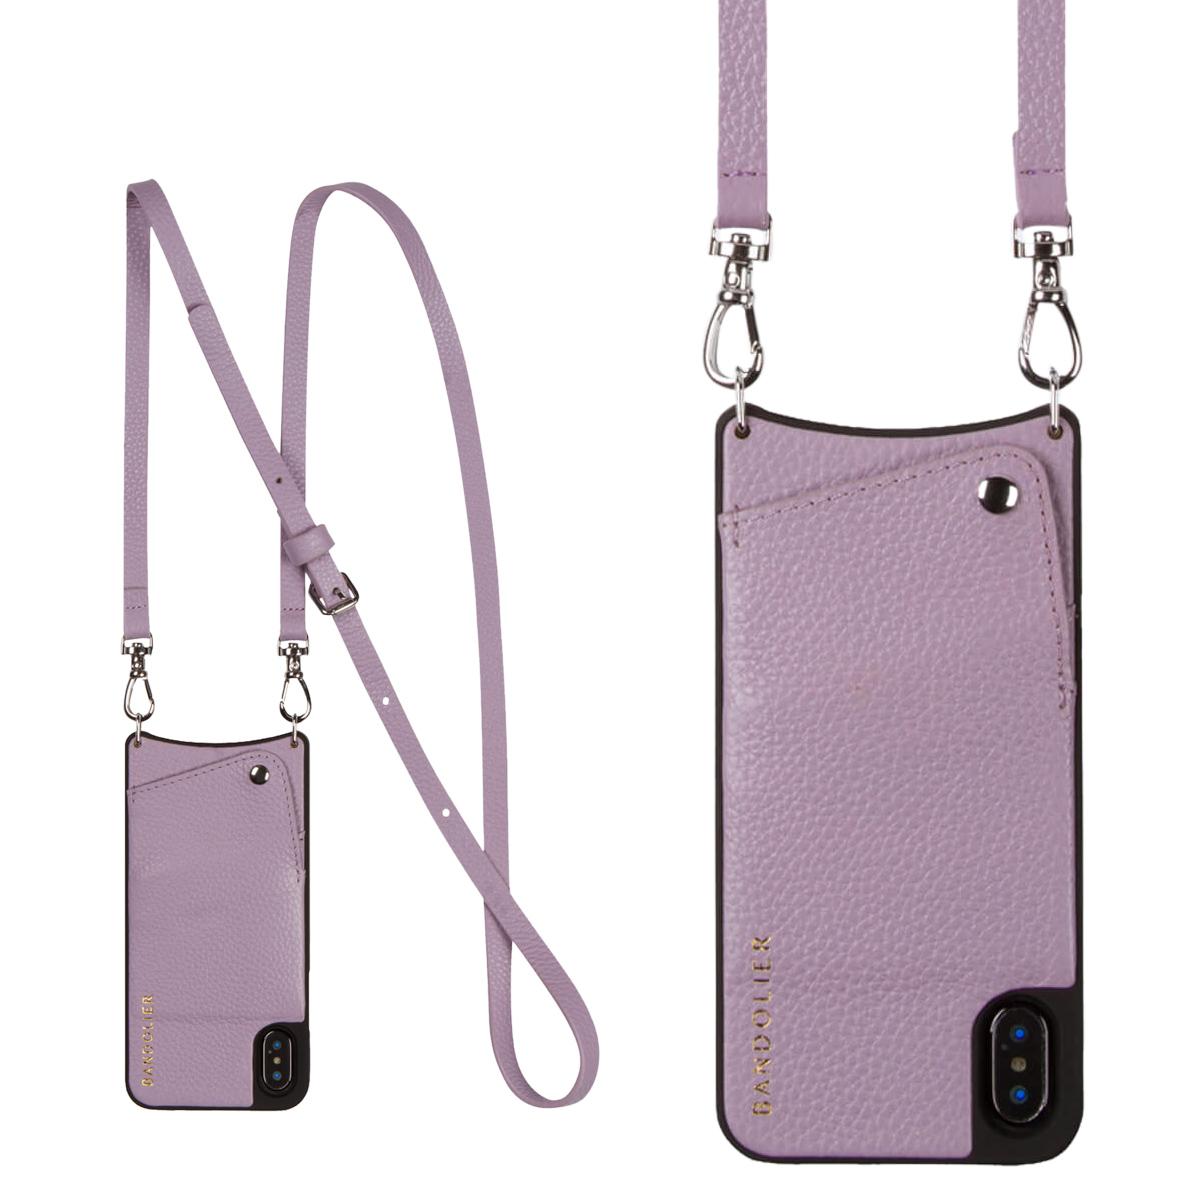 BANDOLIER iPhone 6 6s 7 8 EMMA LILAC バンドリヤー ケース ショルダー スマホ アイフォン レザー メンズ レディース ライラック 10EMM1001 [4/18 再入荷][194]